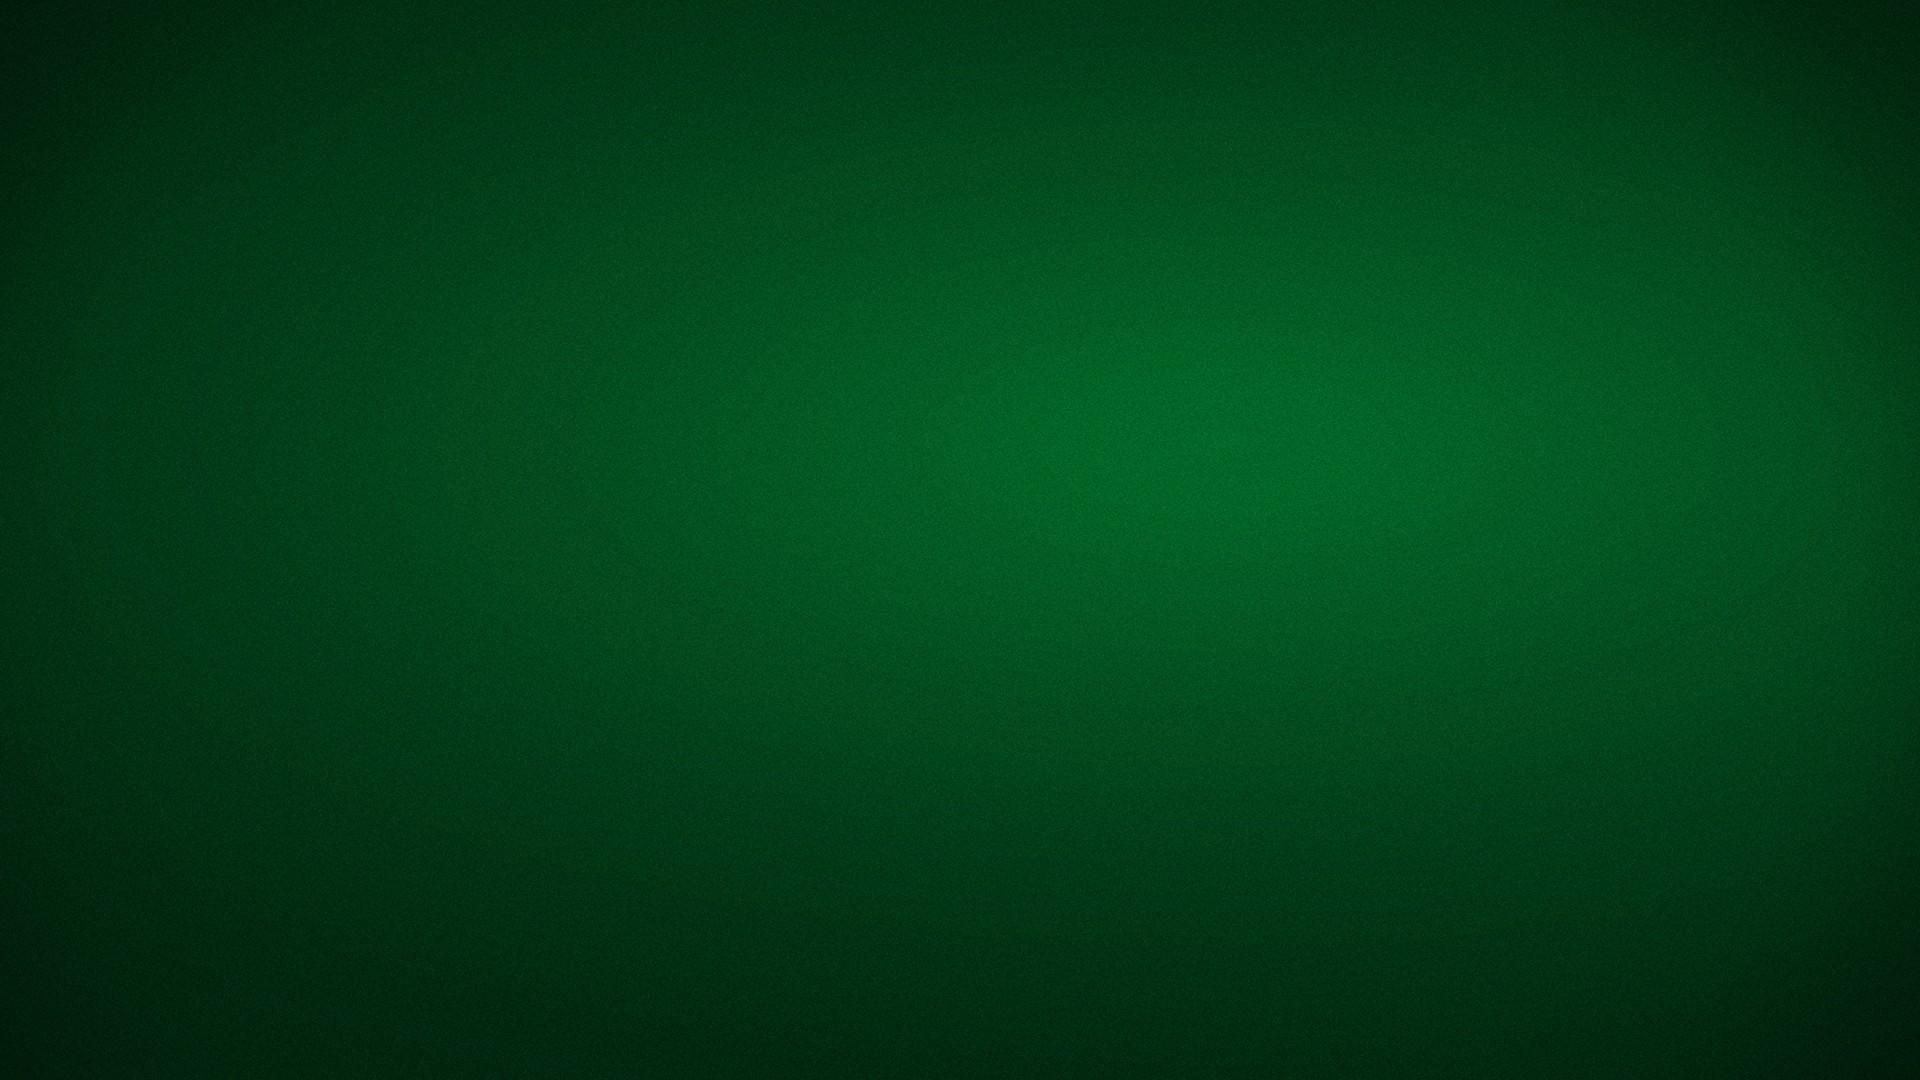 Solid Color HD Wallpaper